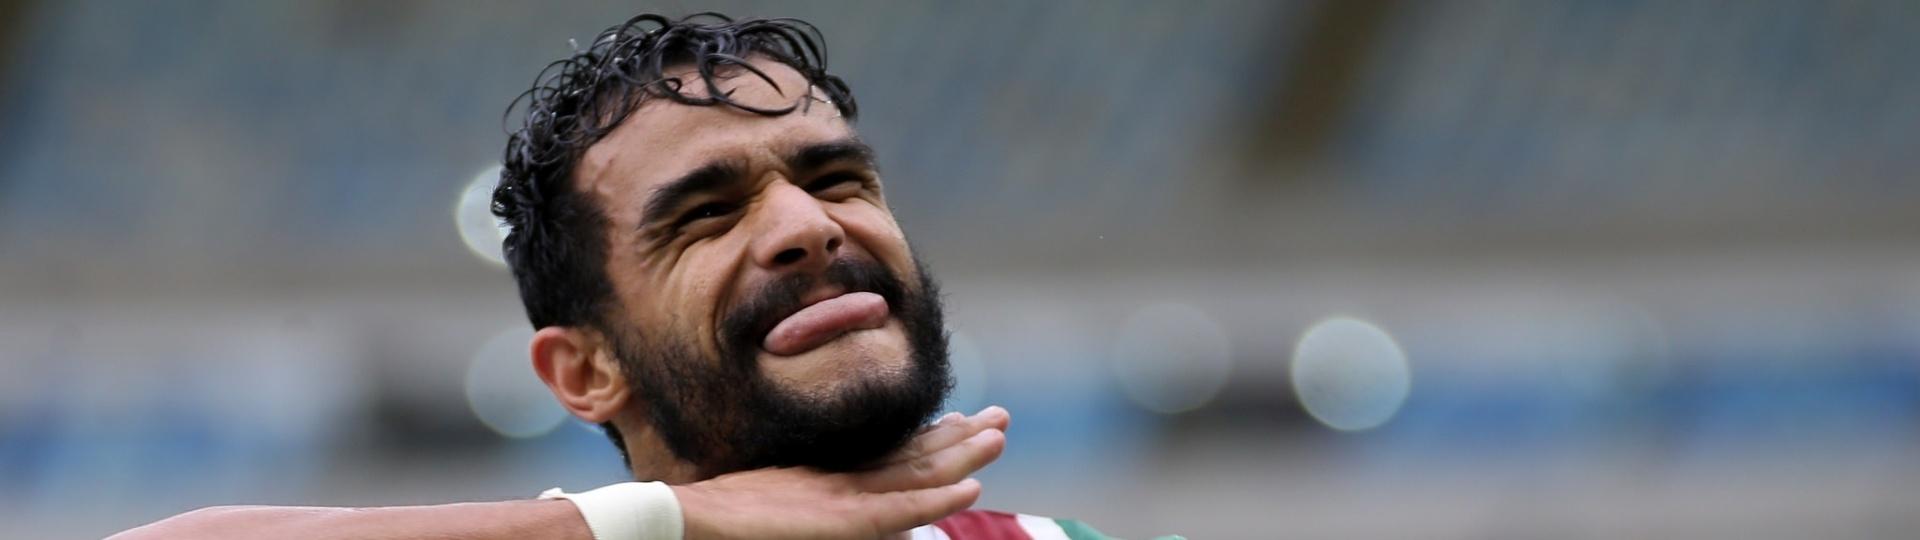 Ceifador: Henrique Dourado finge cortar a própria cabeça em gol do Fluminense sobre o Avaí